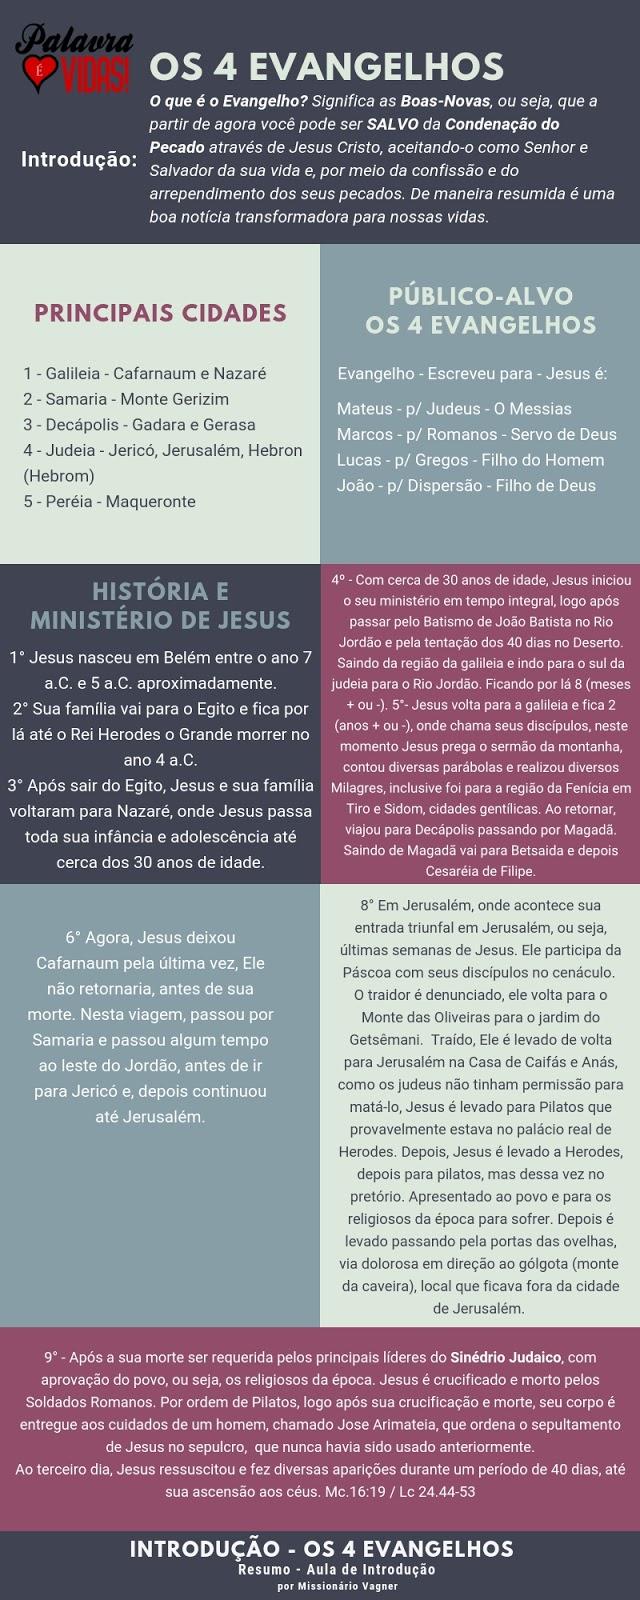 Infográfico Bíblico - Introdução Resumo: Os 4 Evangelhos